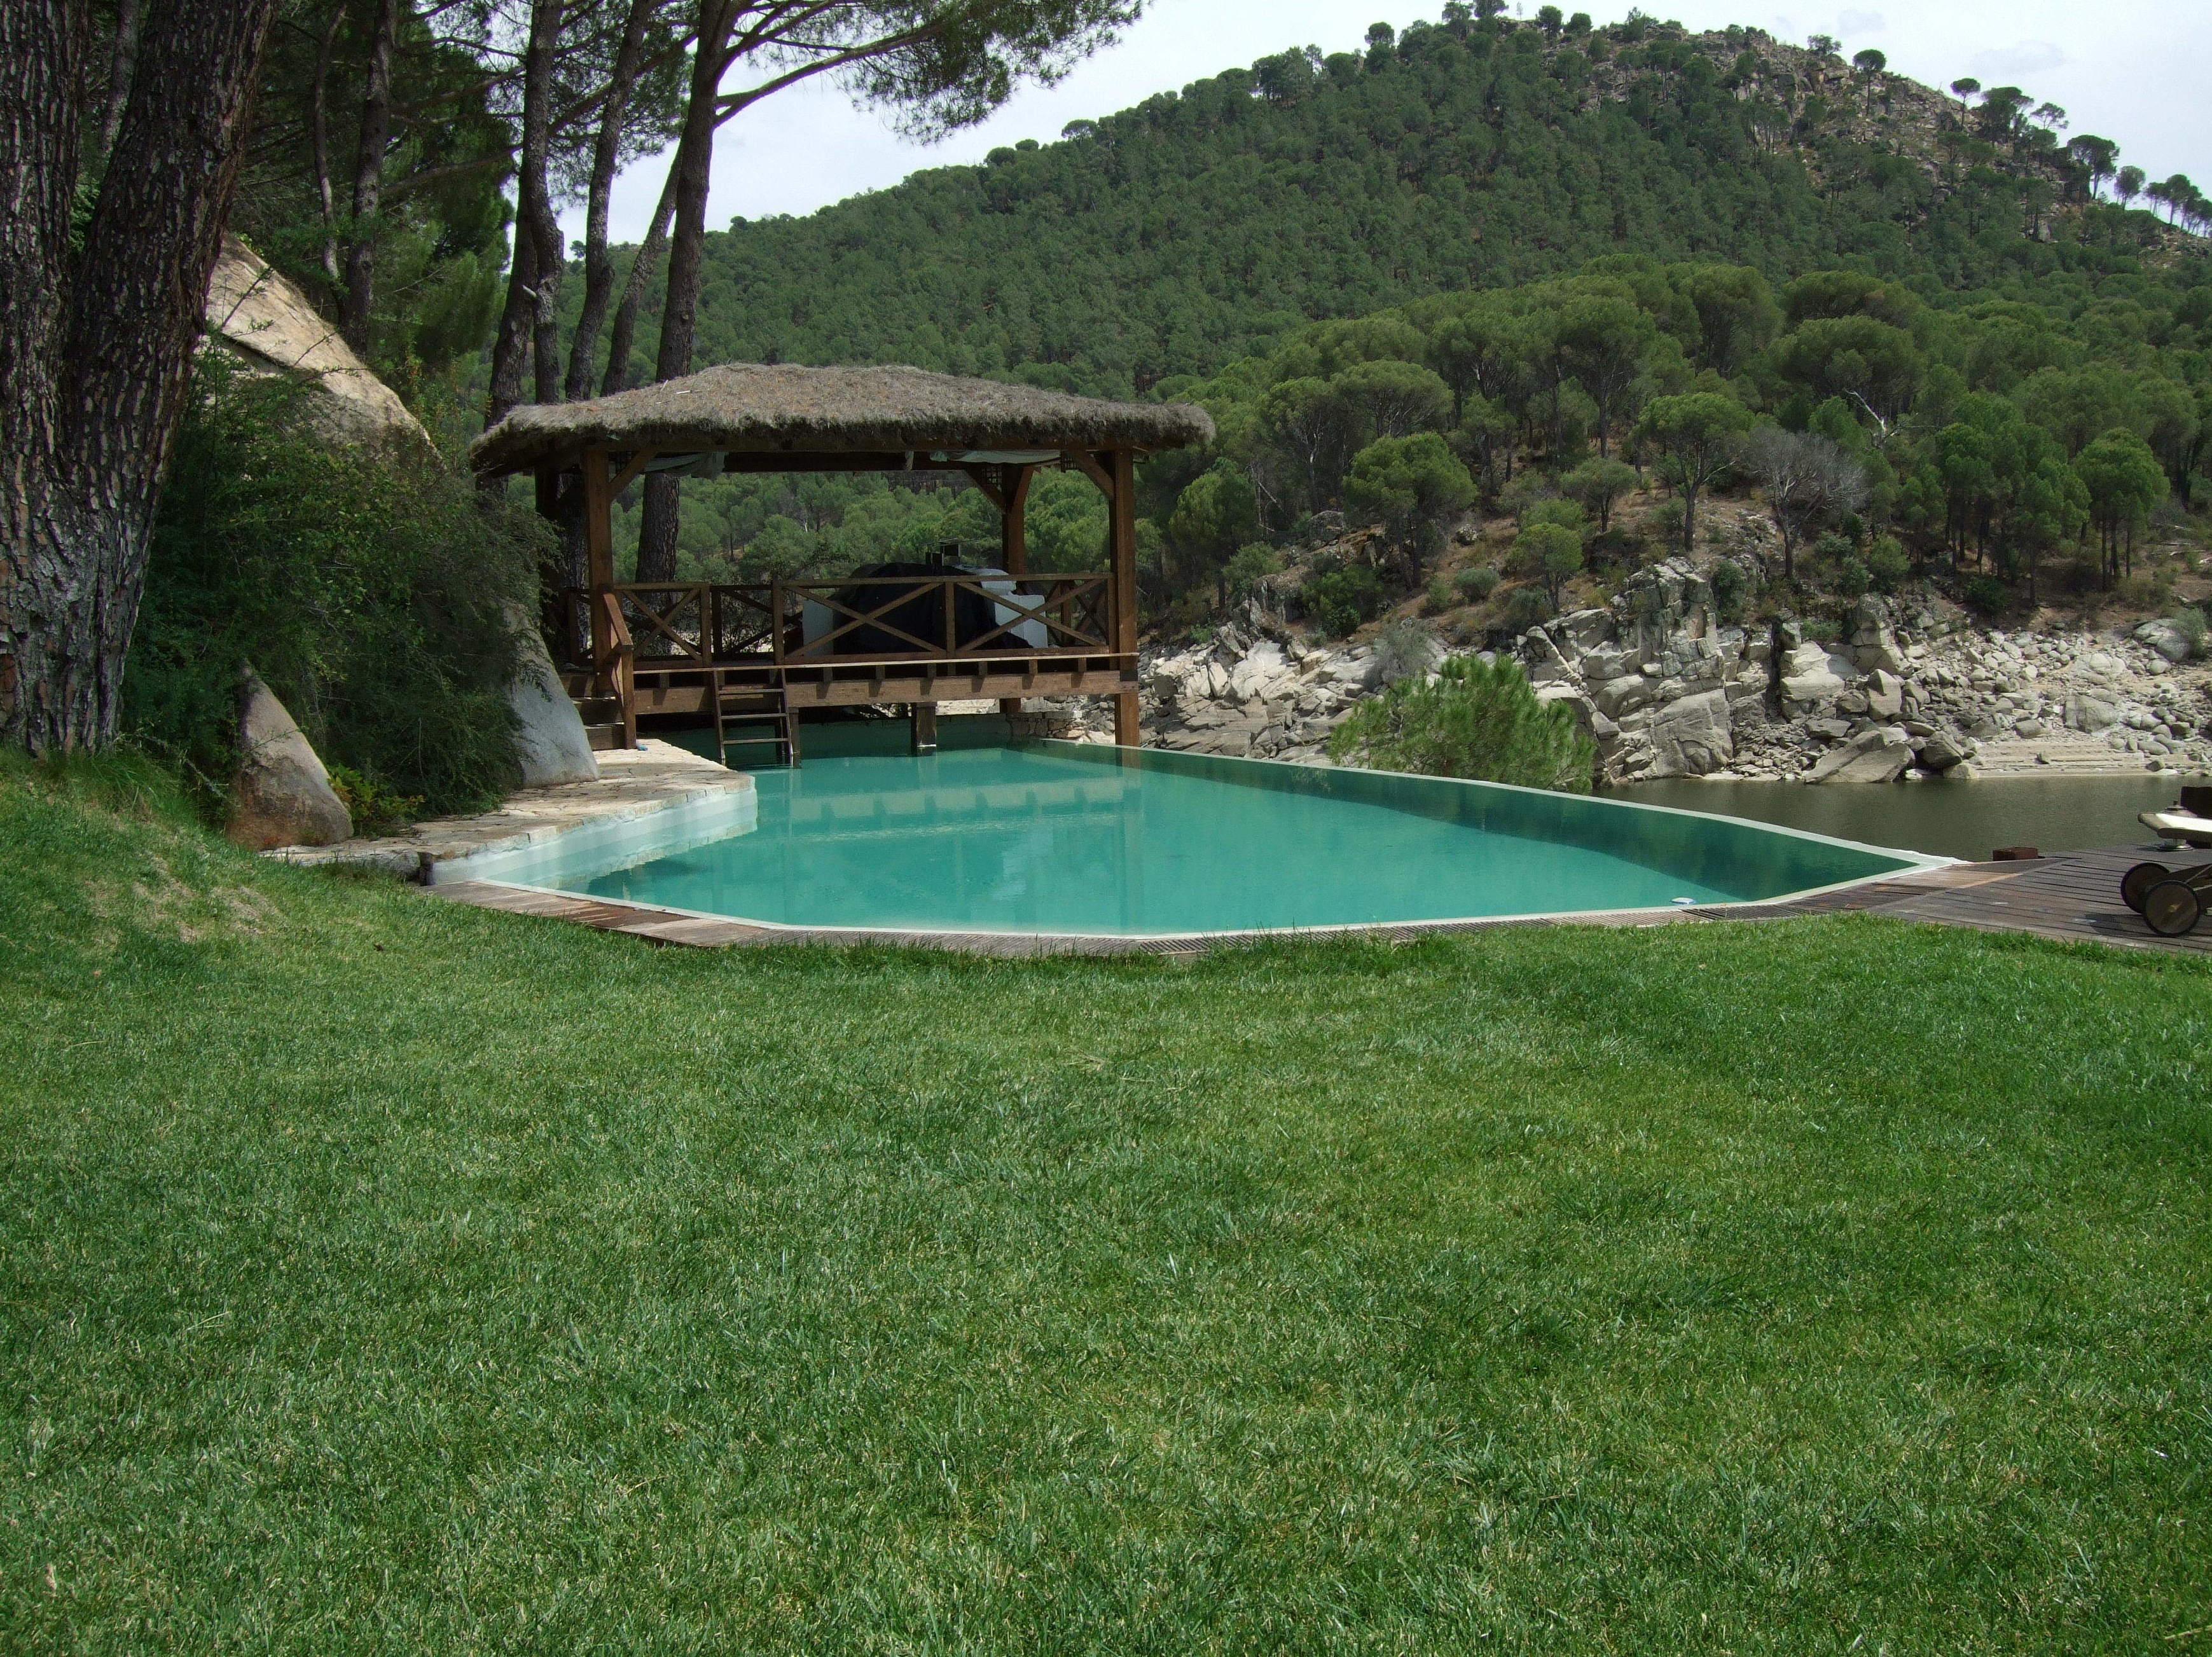 Restauración de piscina en poliéster de fibra de vidrio en Pelayos de la presa (Madrid)